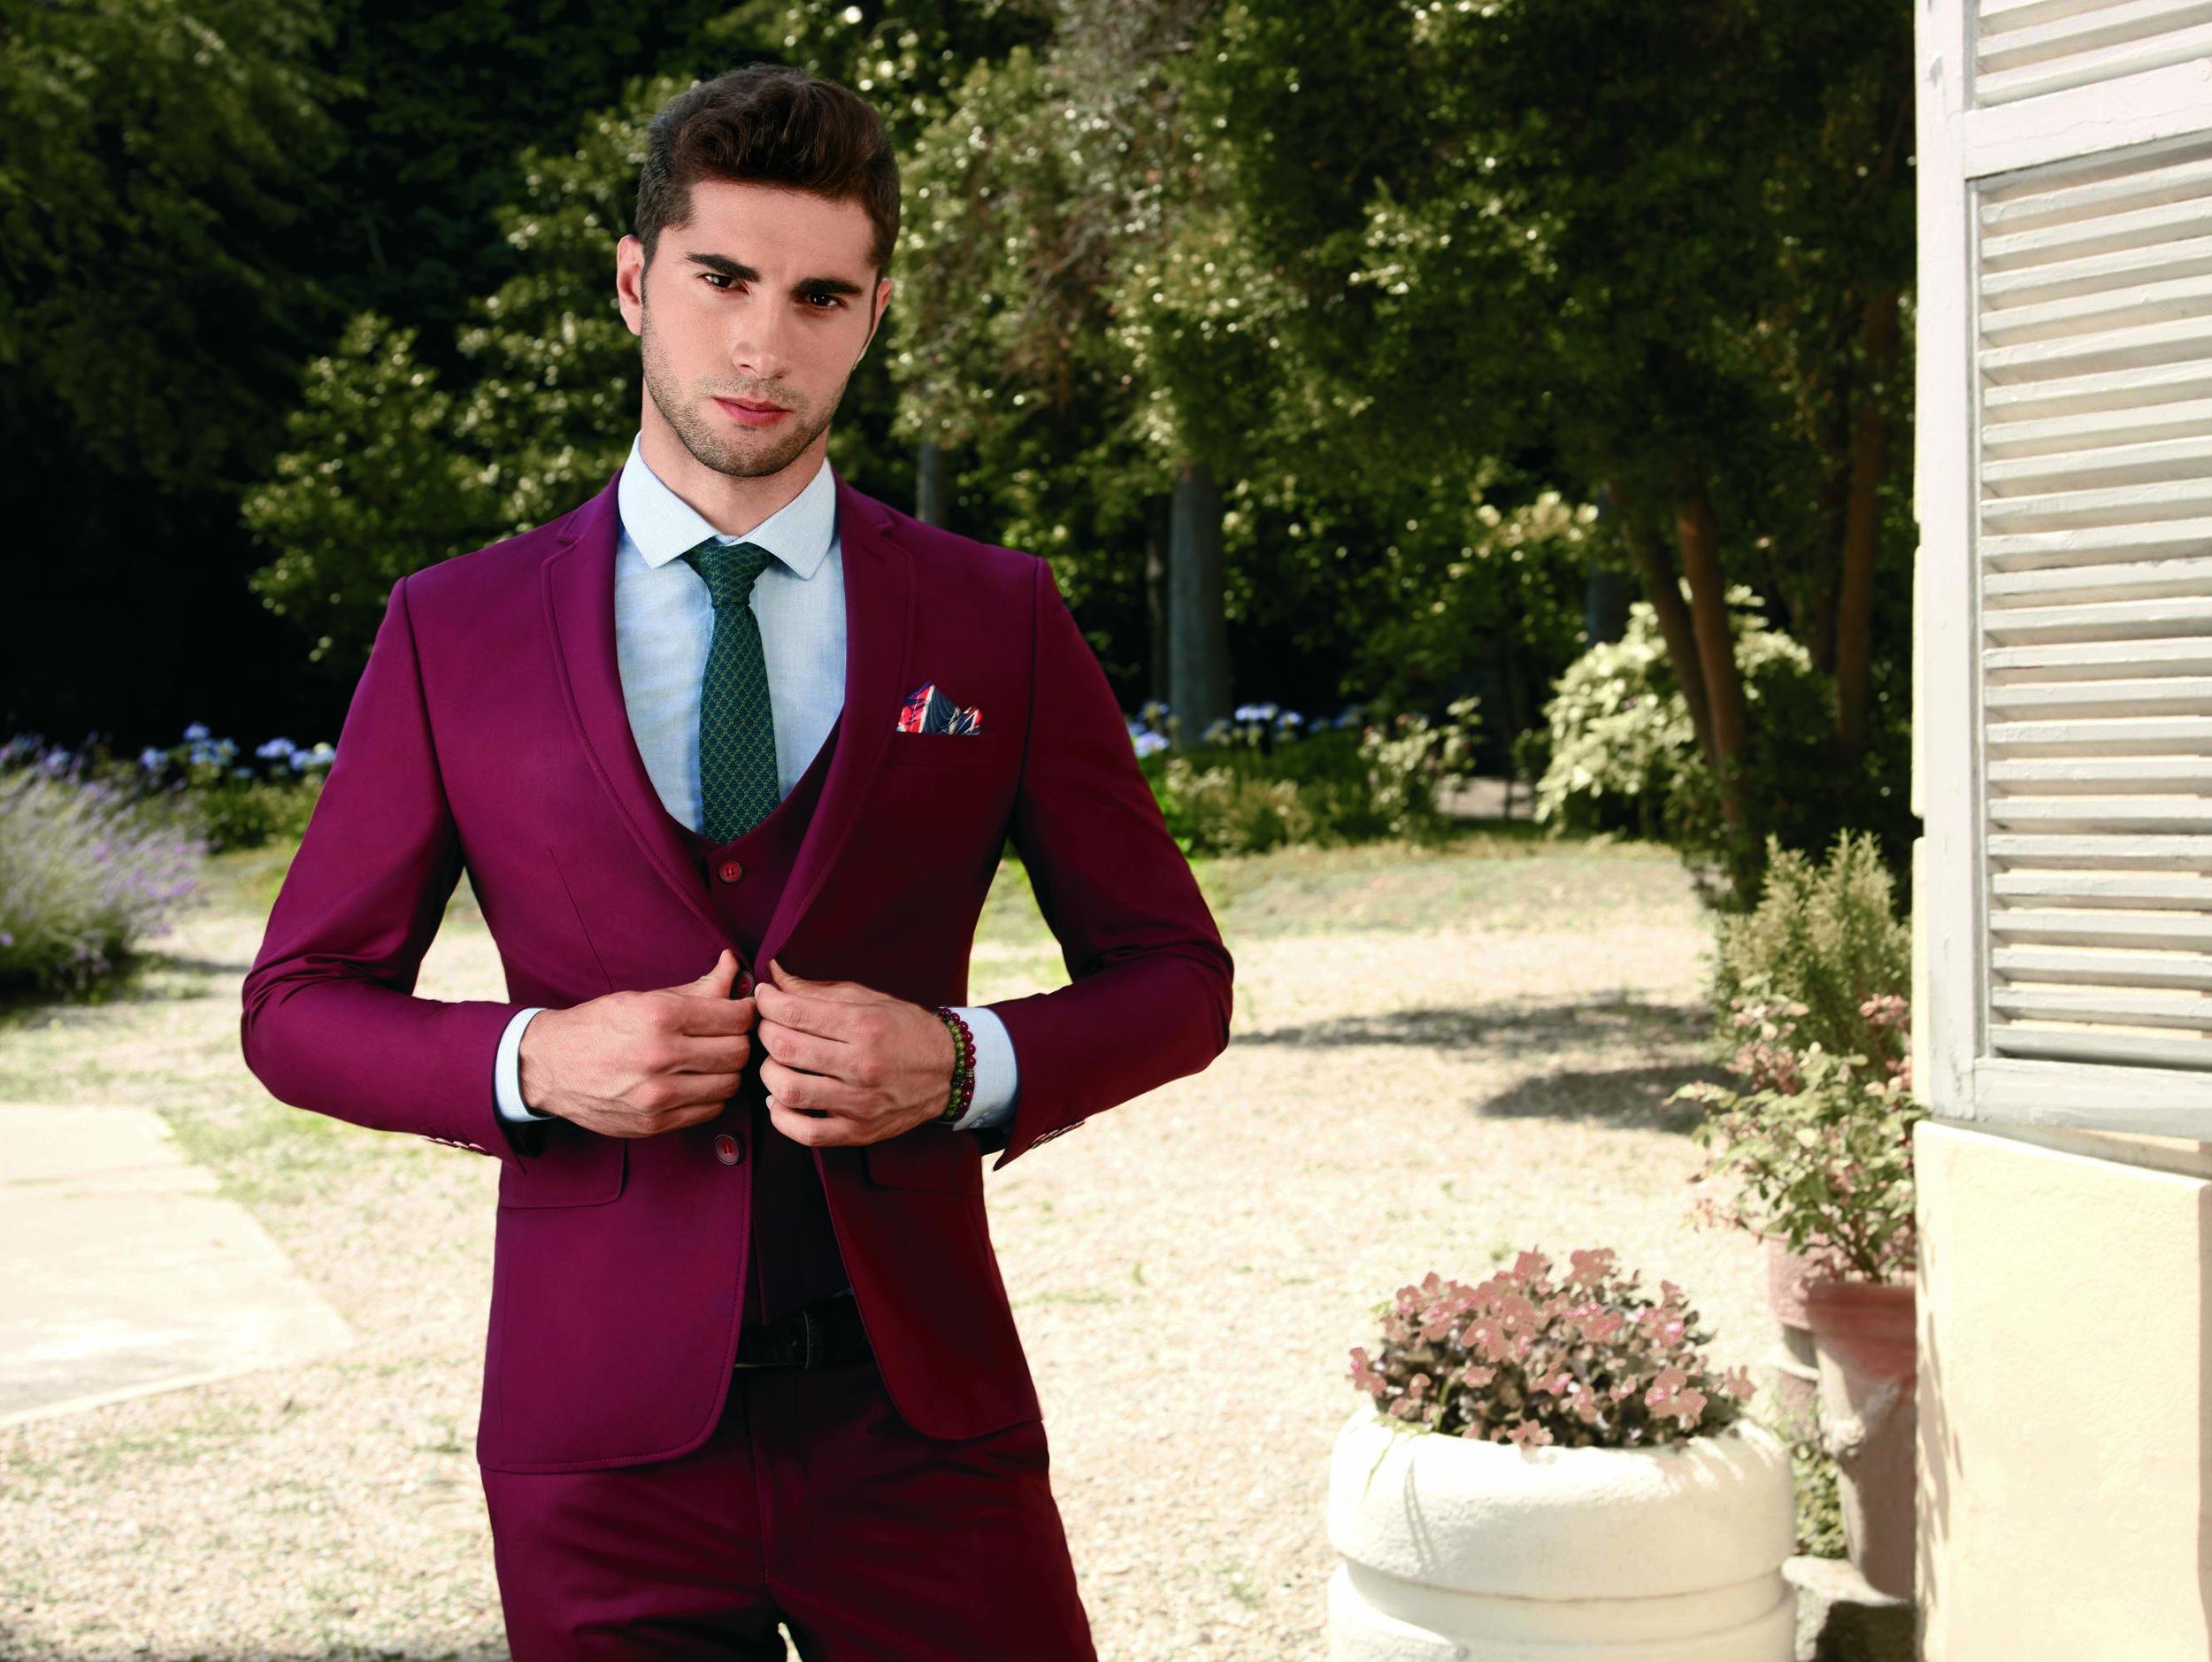 Ugur_Bektas_Wessi_Fashion_06.jpg